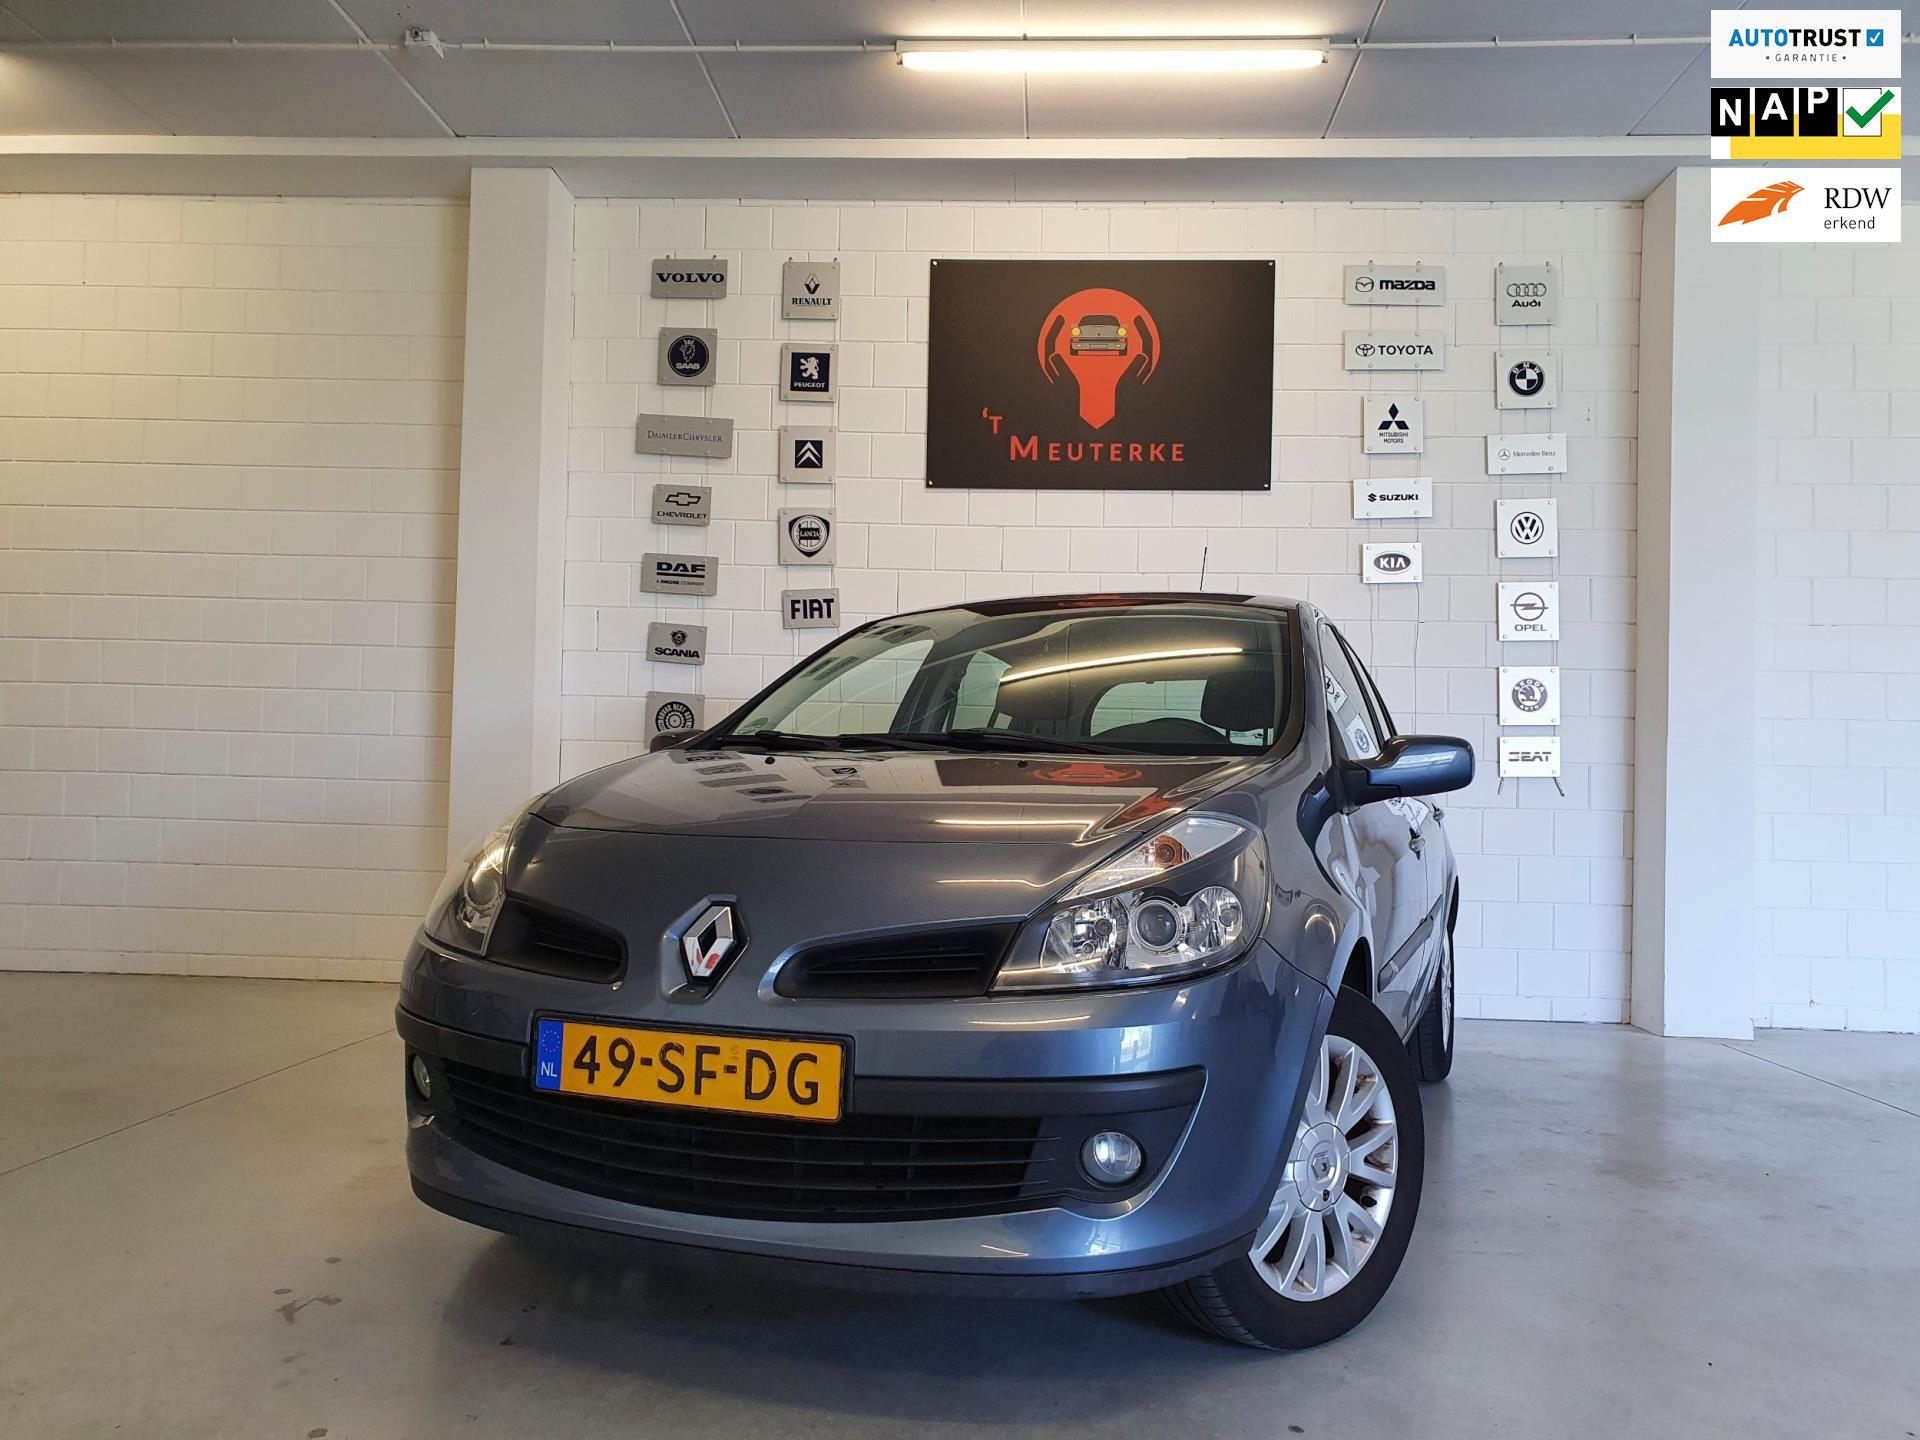 Renault Clio occasion - 't Meuterke